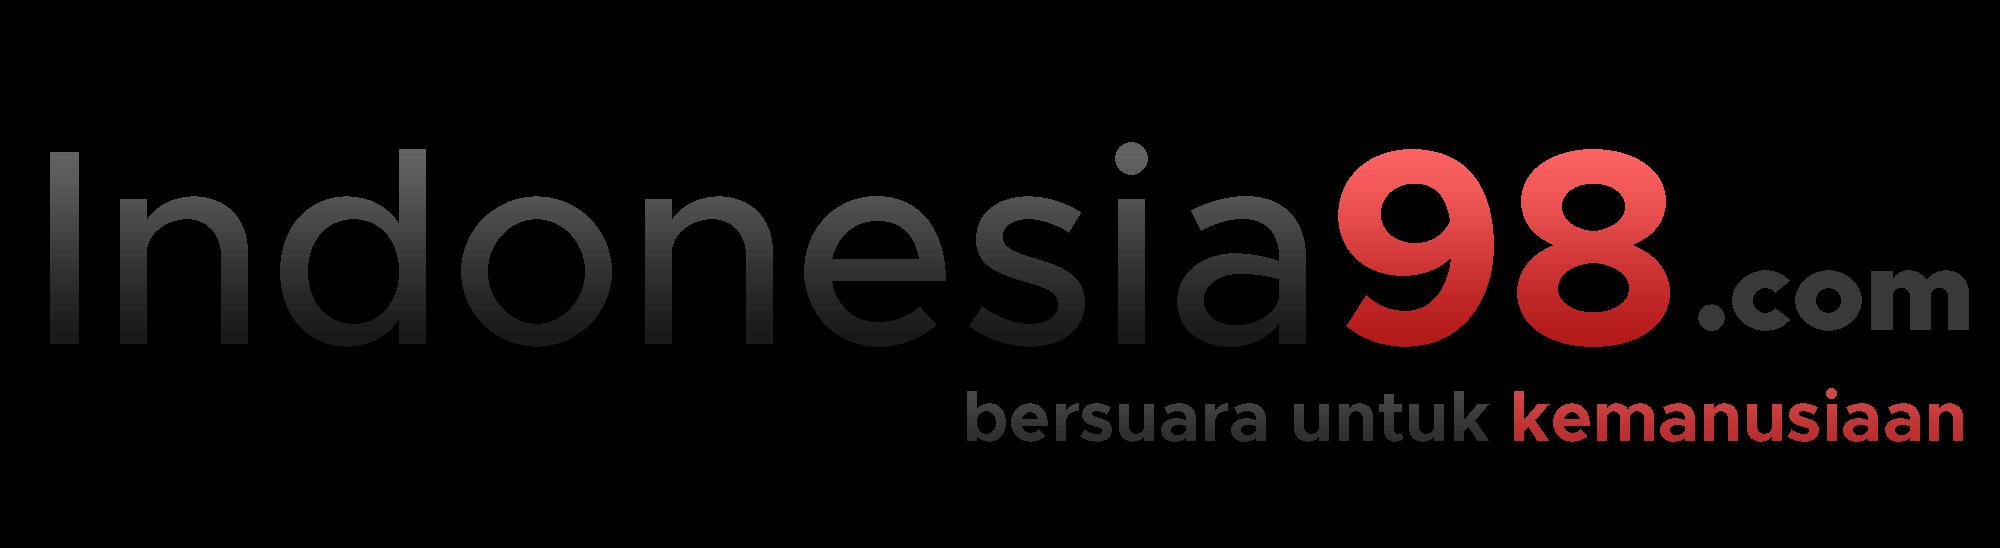 Indonesia98